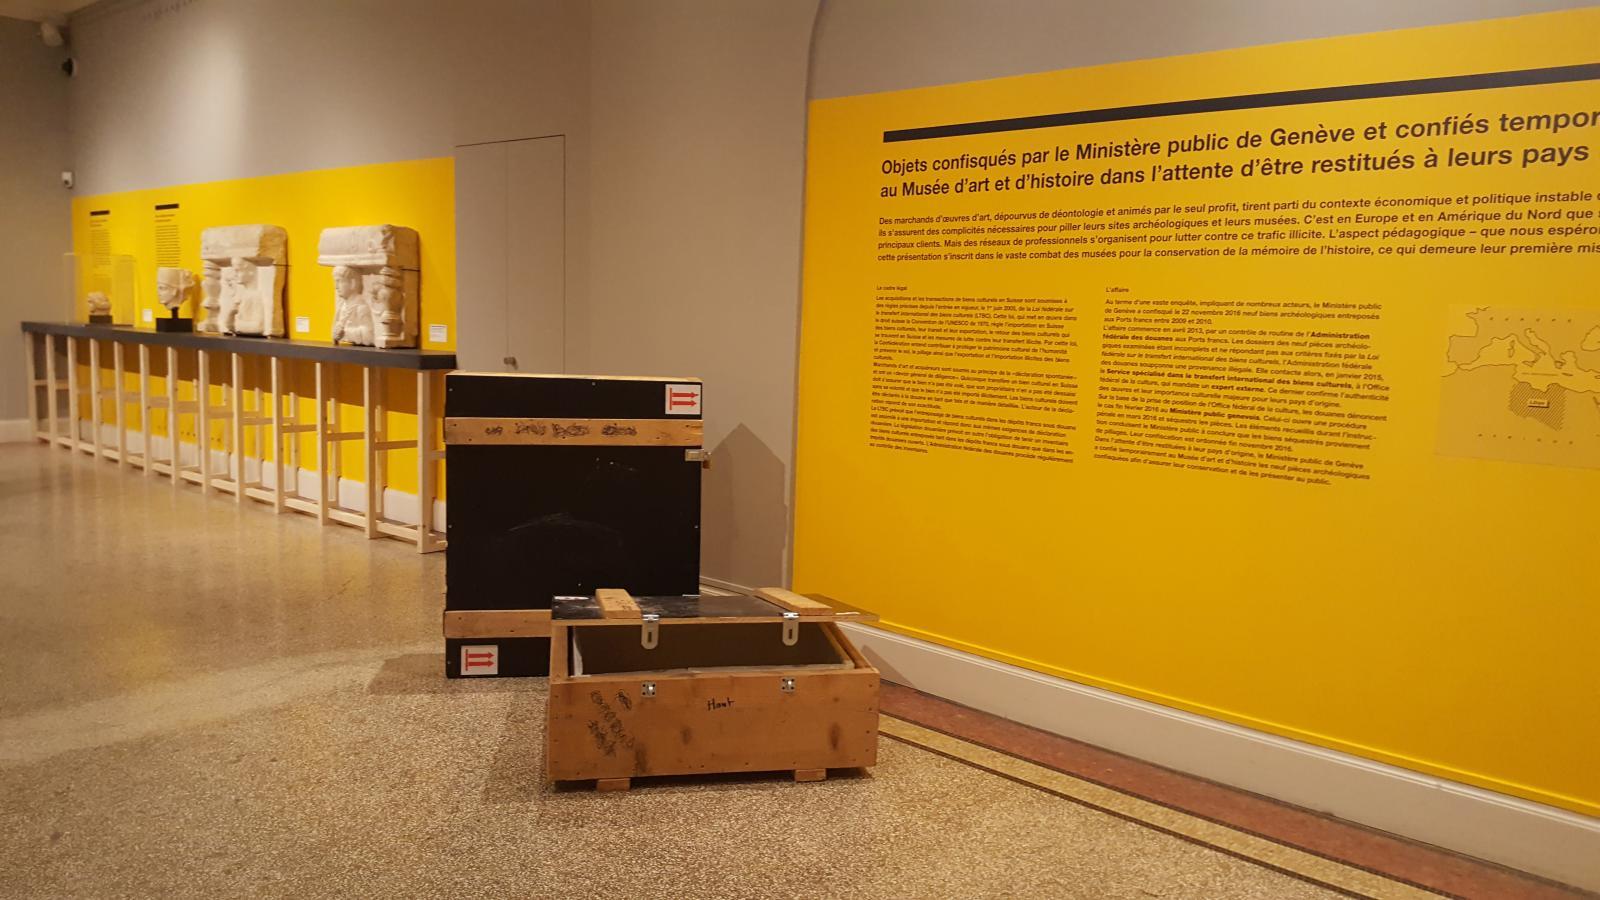 L'exposition d'objets issus du trafic illicite au musée d'Art et d'Histoire de Genève.